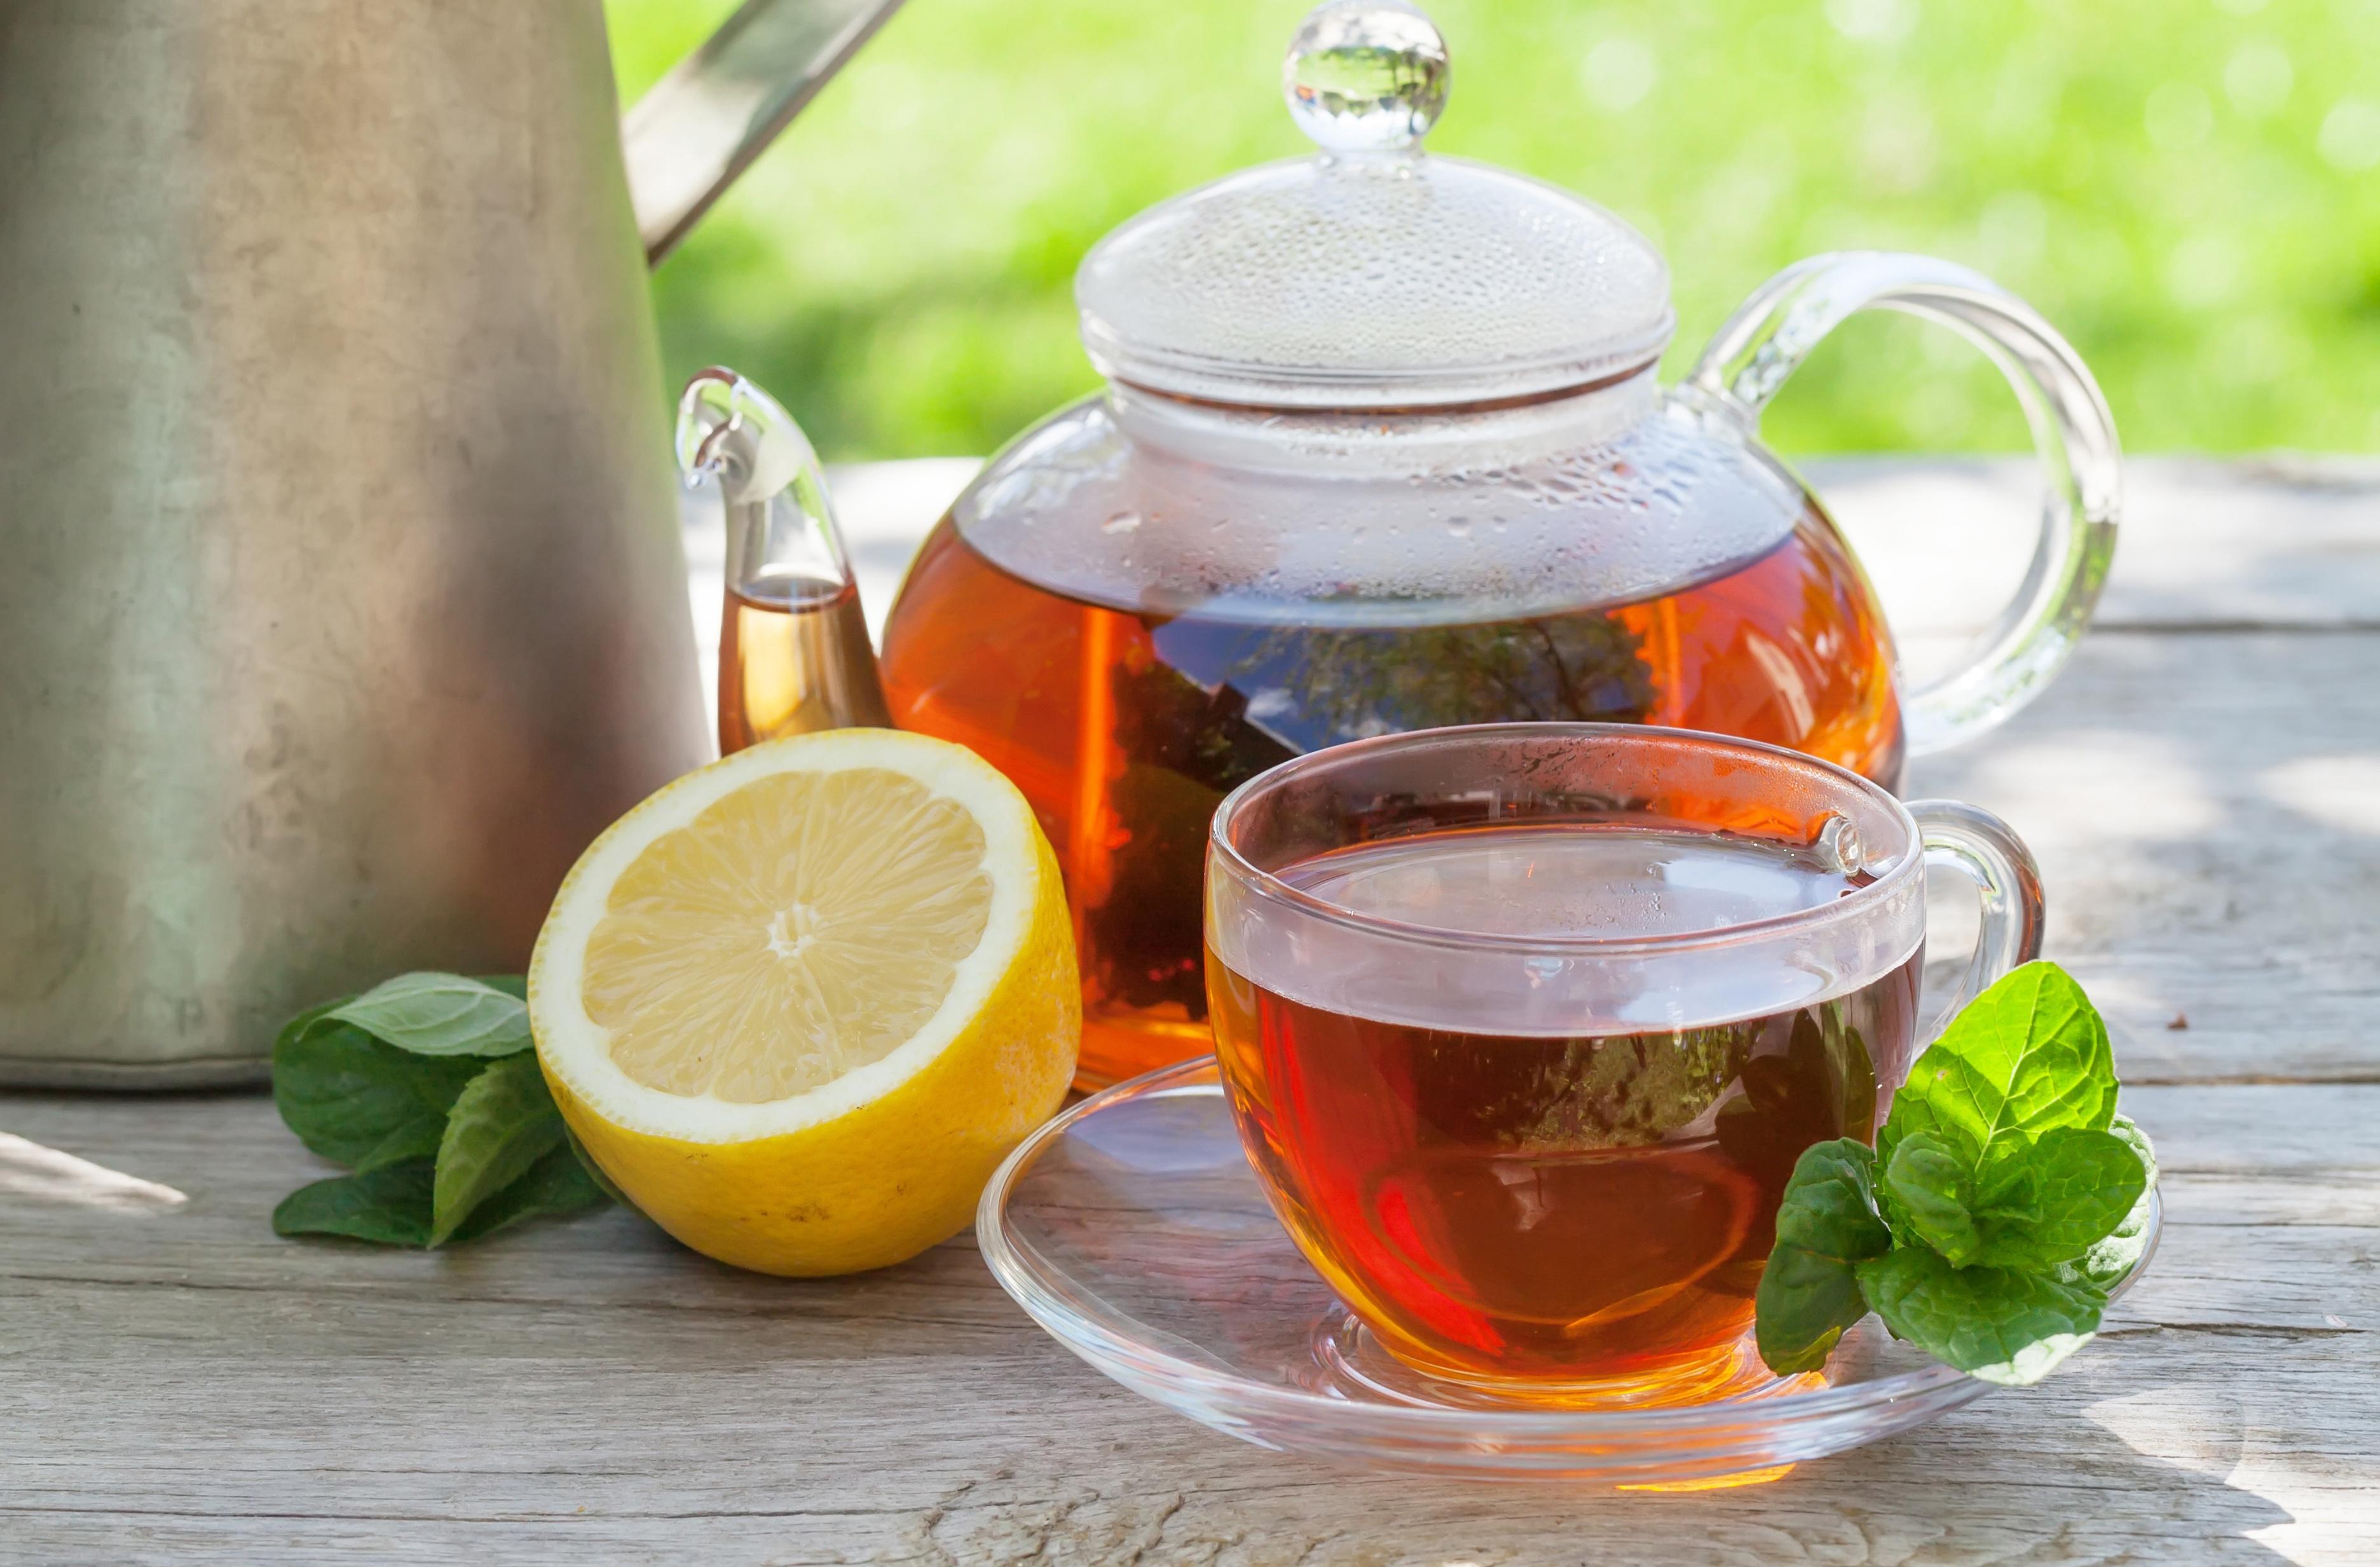 картинки чая с лимоном и мятой один самых